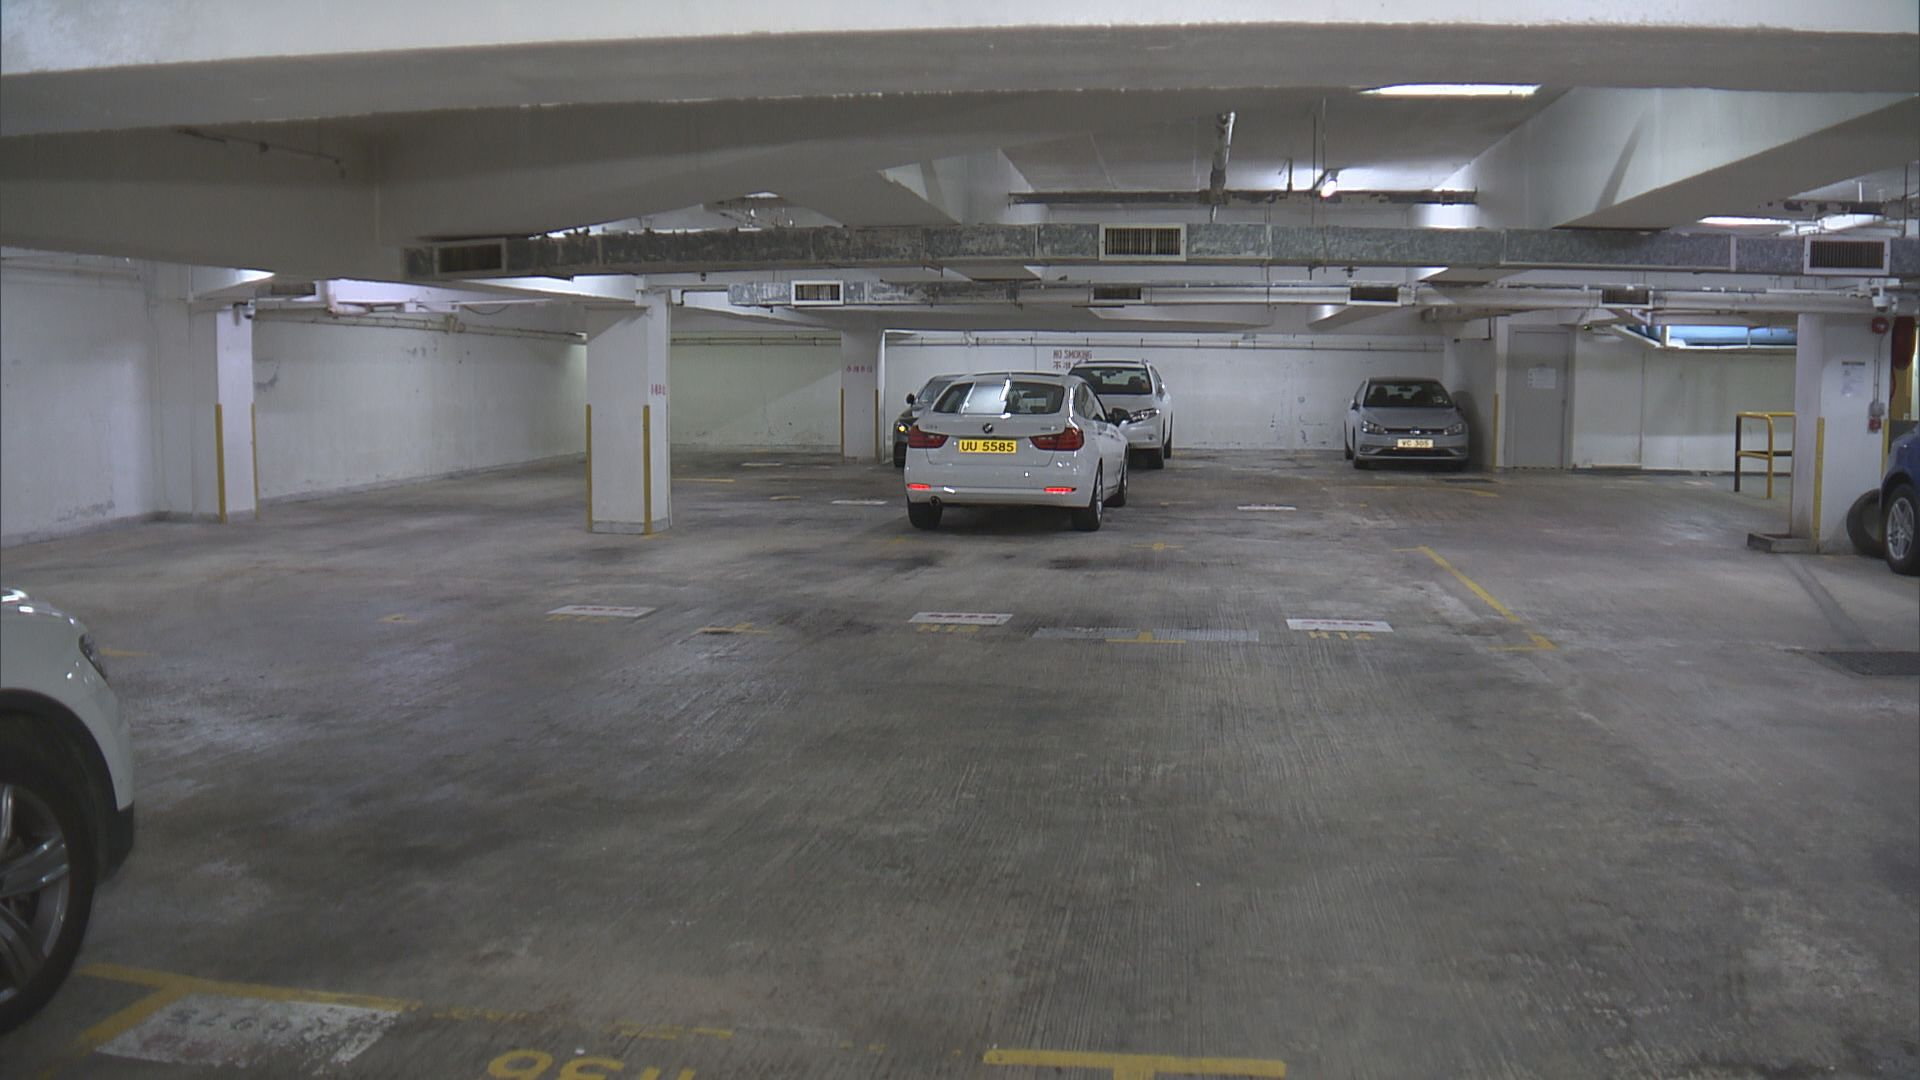 杏花邨地下停車場加裝感應器偵測水位